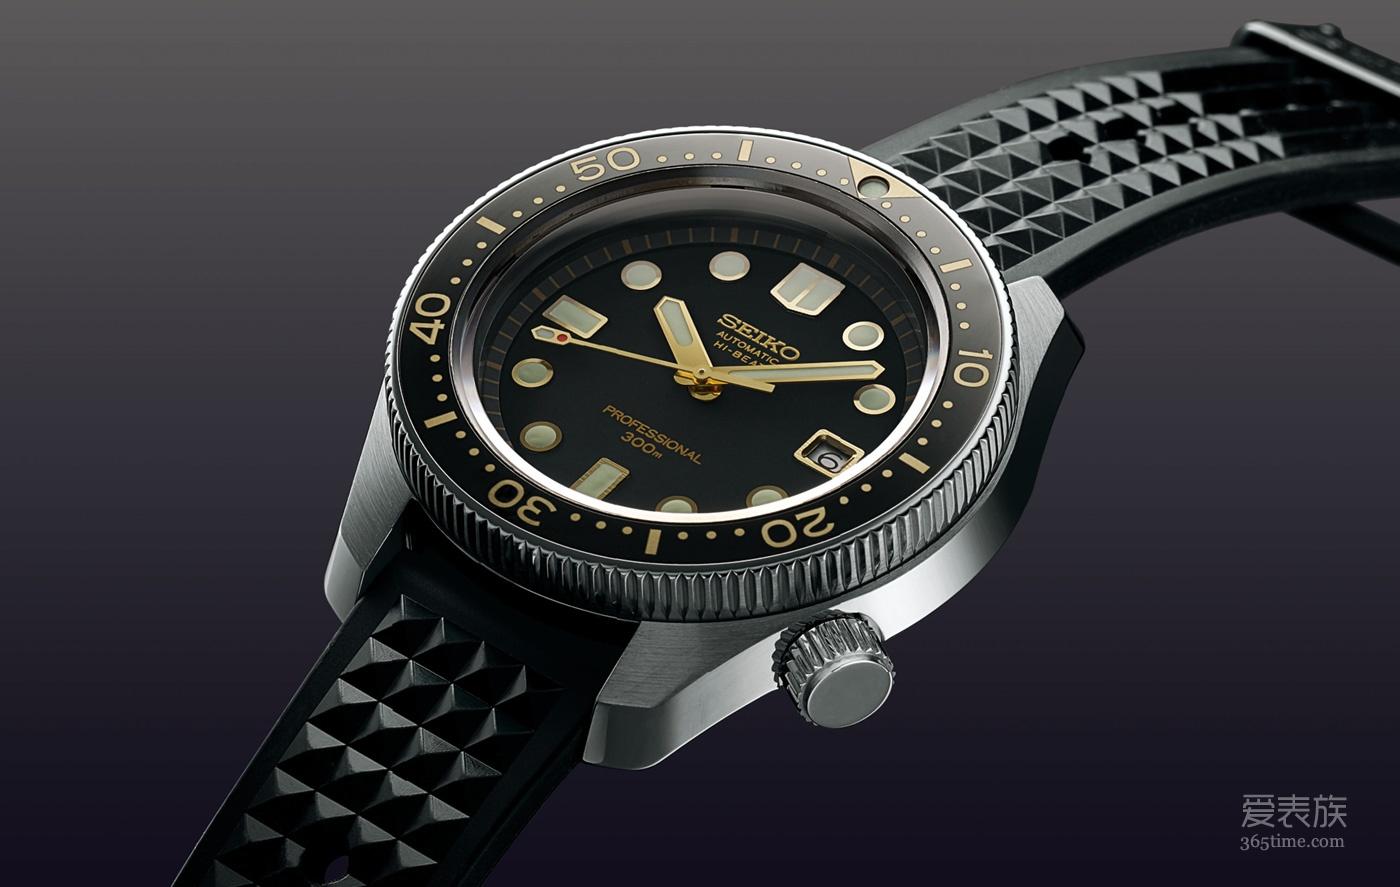 【2018巴塞尔钟表展】全新Prospex系列表款向Seiko专业潜水腕表工艺致敬